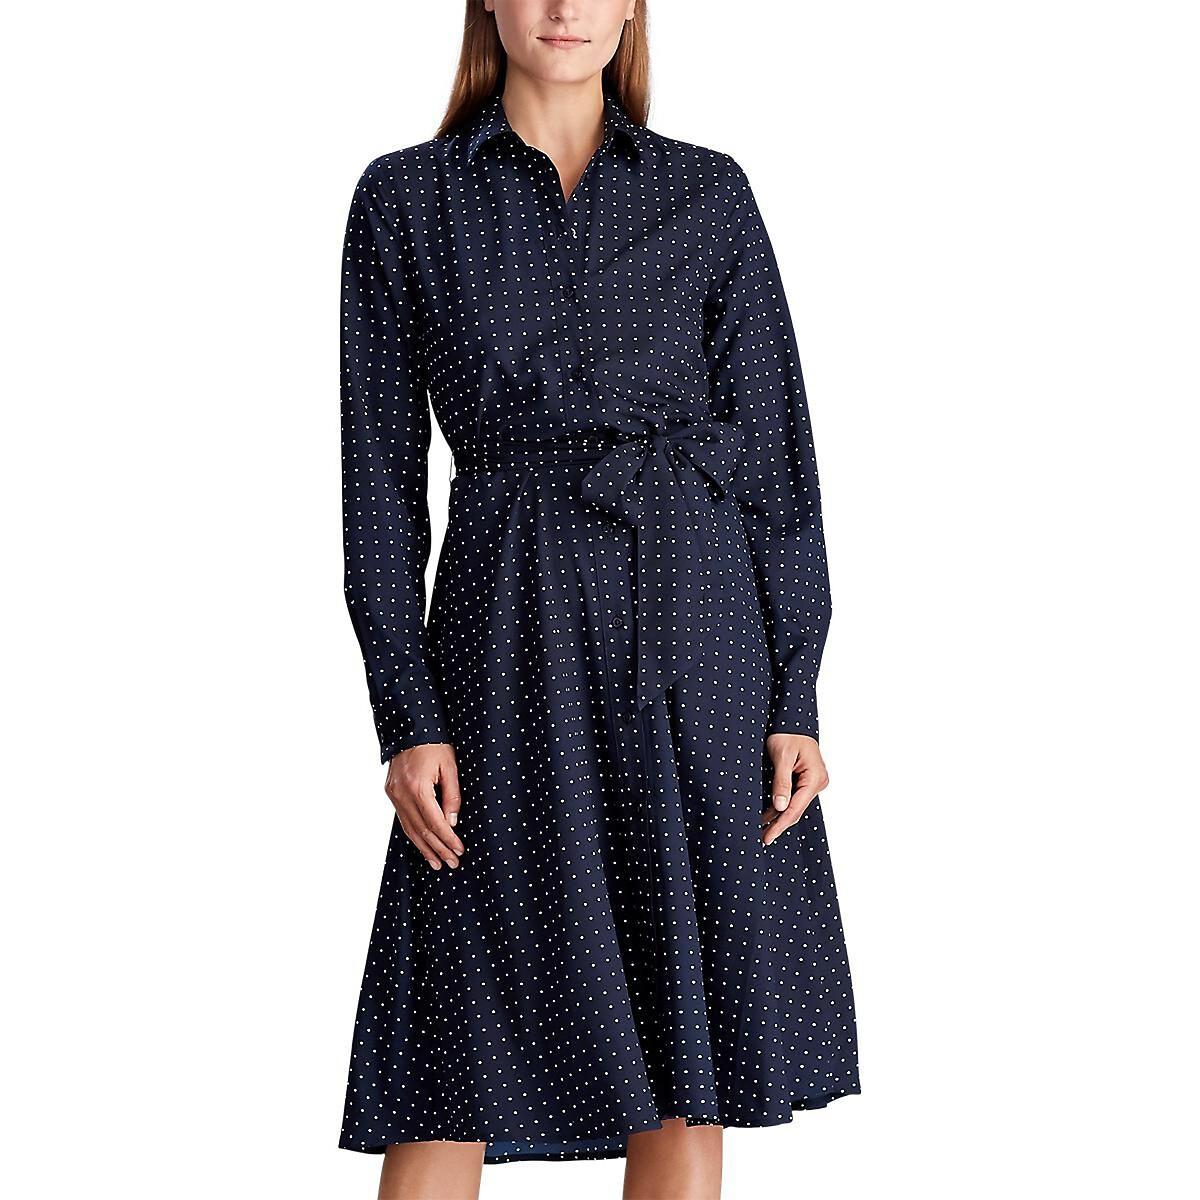 Платье-рубашка LaRedoute В горошек с длинными рукавами 36 (FR) - 42 (RUS) синий платье la redoute расклешенное короткое с длинными рукавами 46 fr 52 rus синий